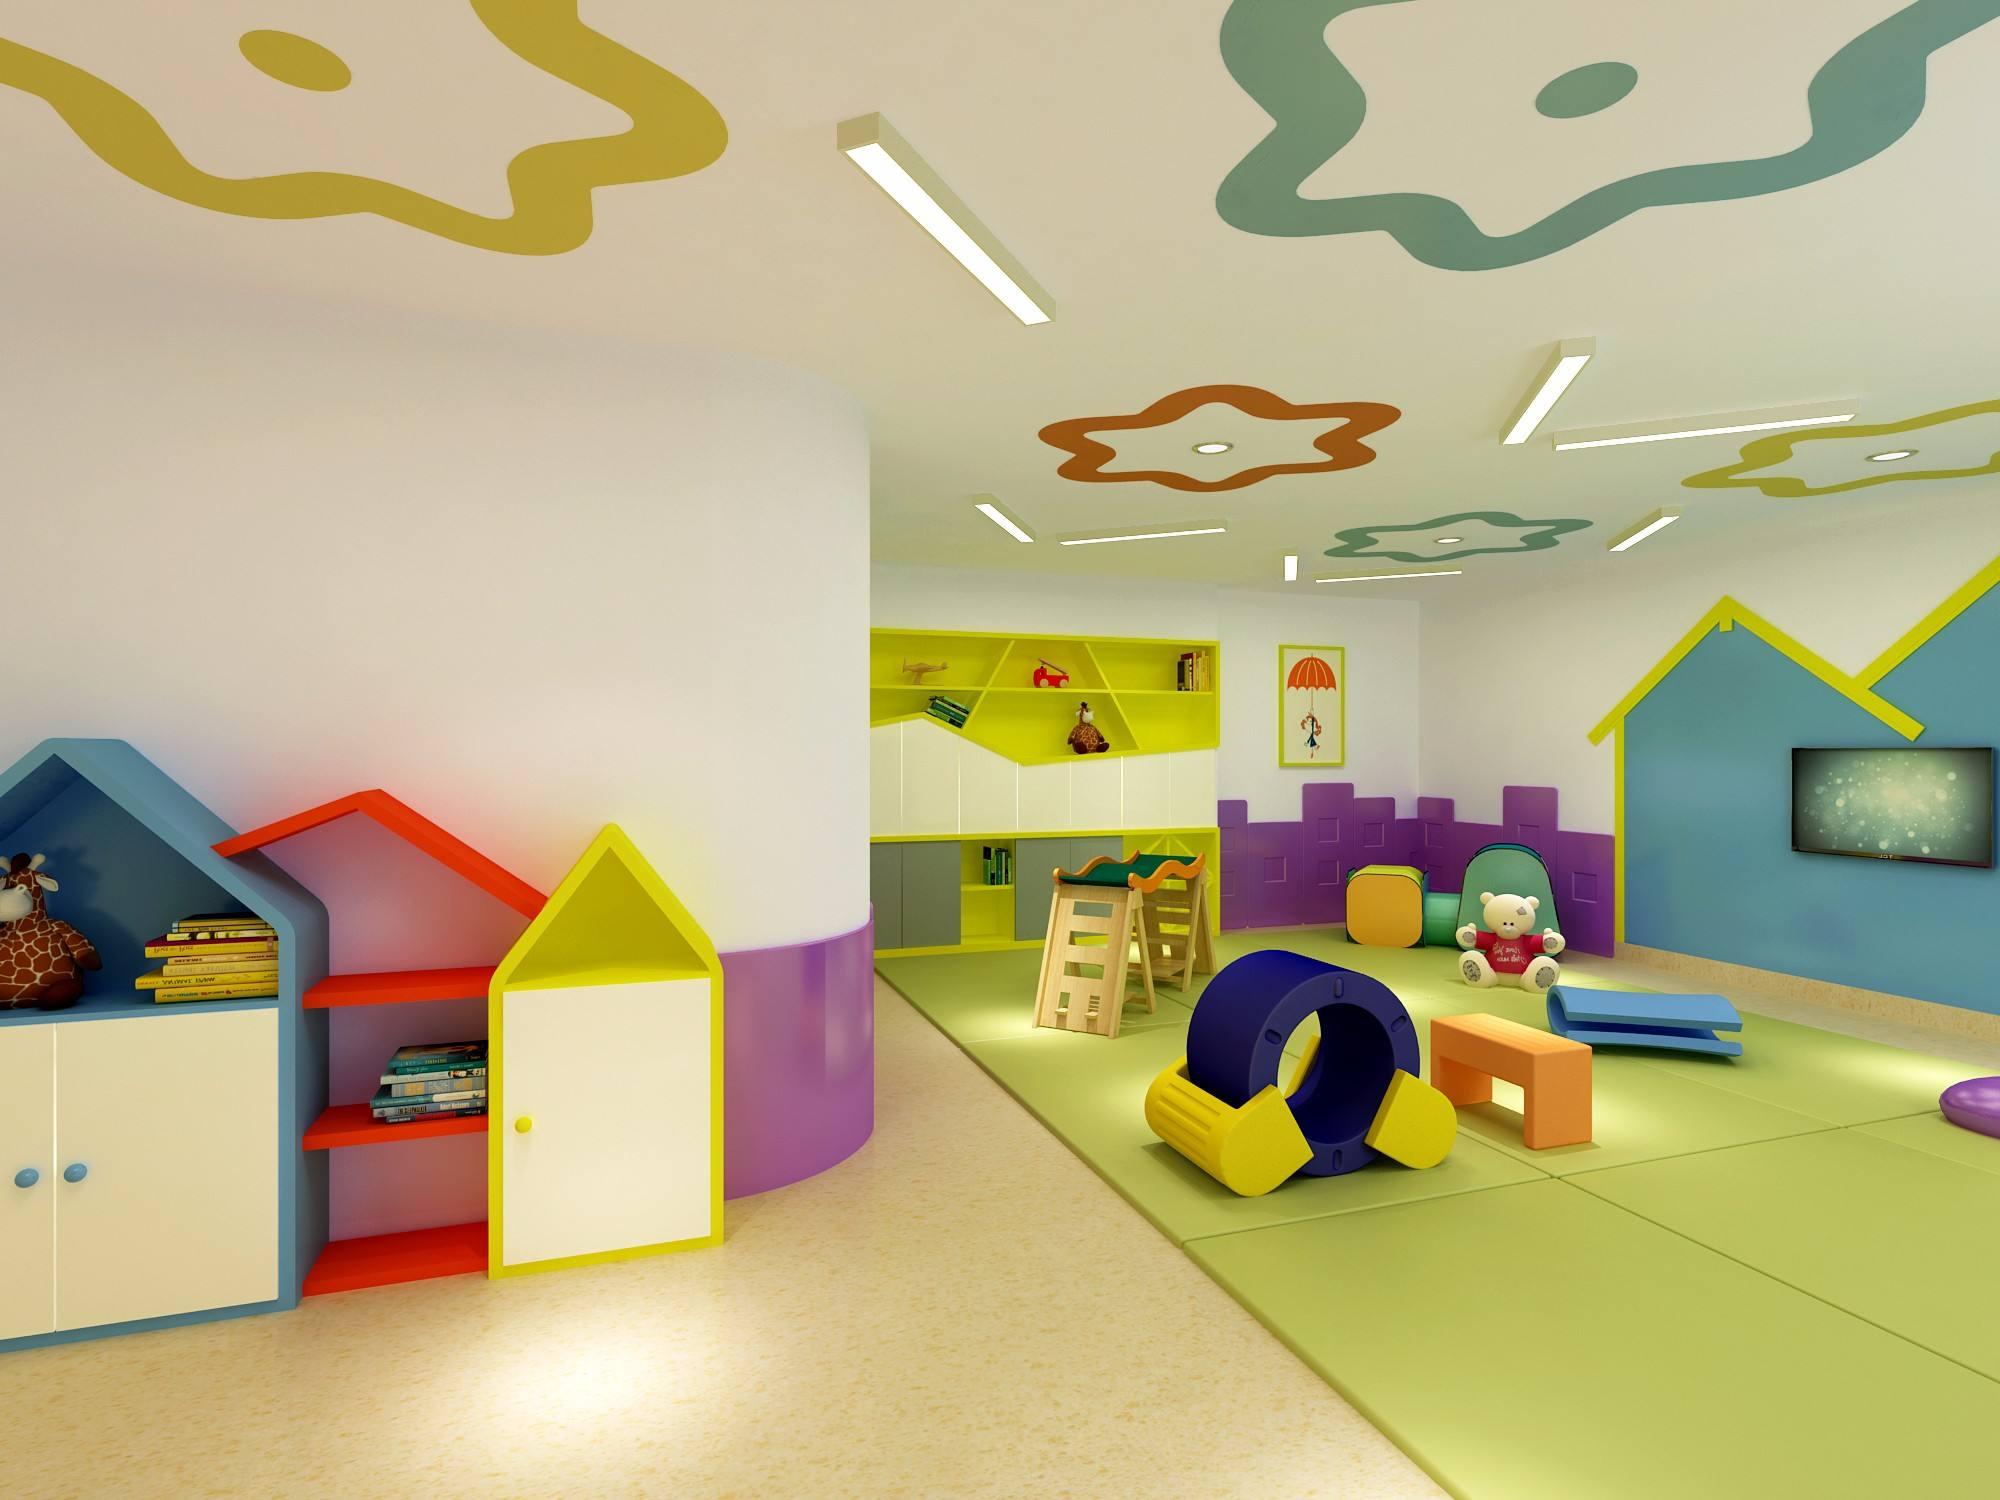 成都简约个性幼儿园装修设计/简约个性幼儿园怎么装修?